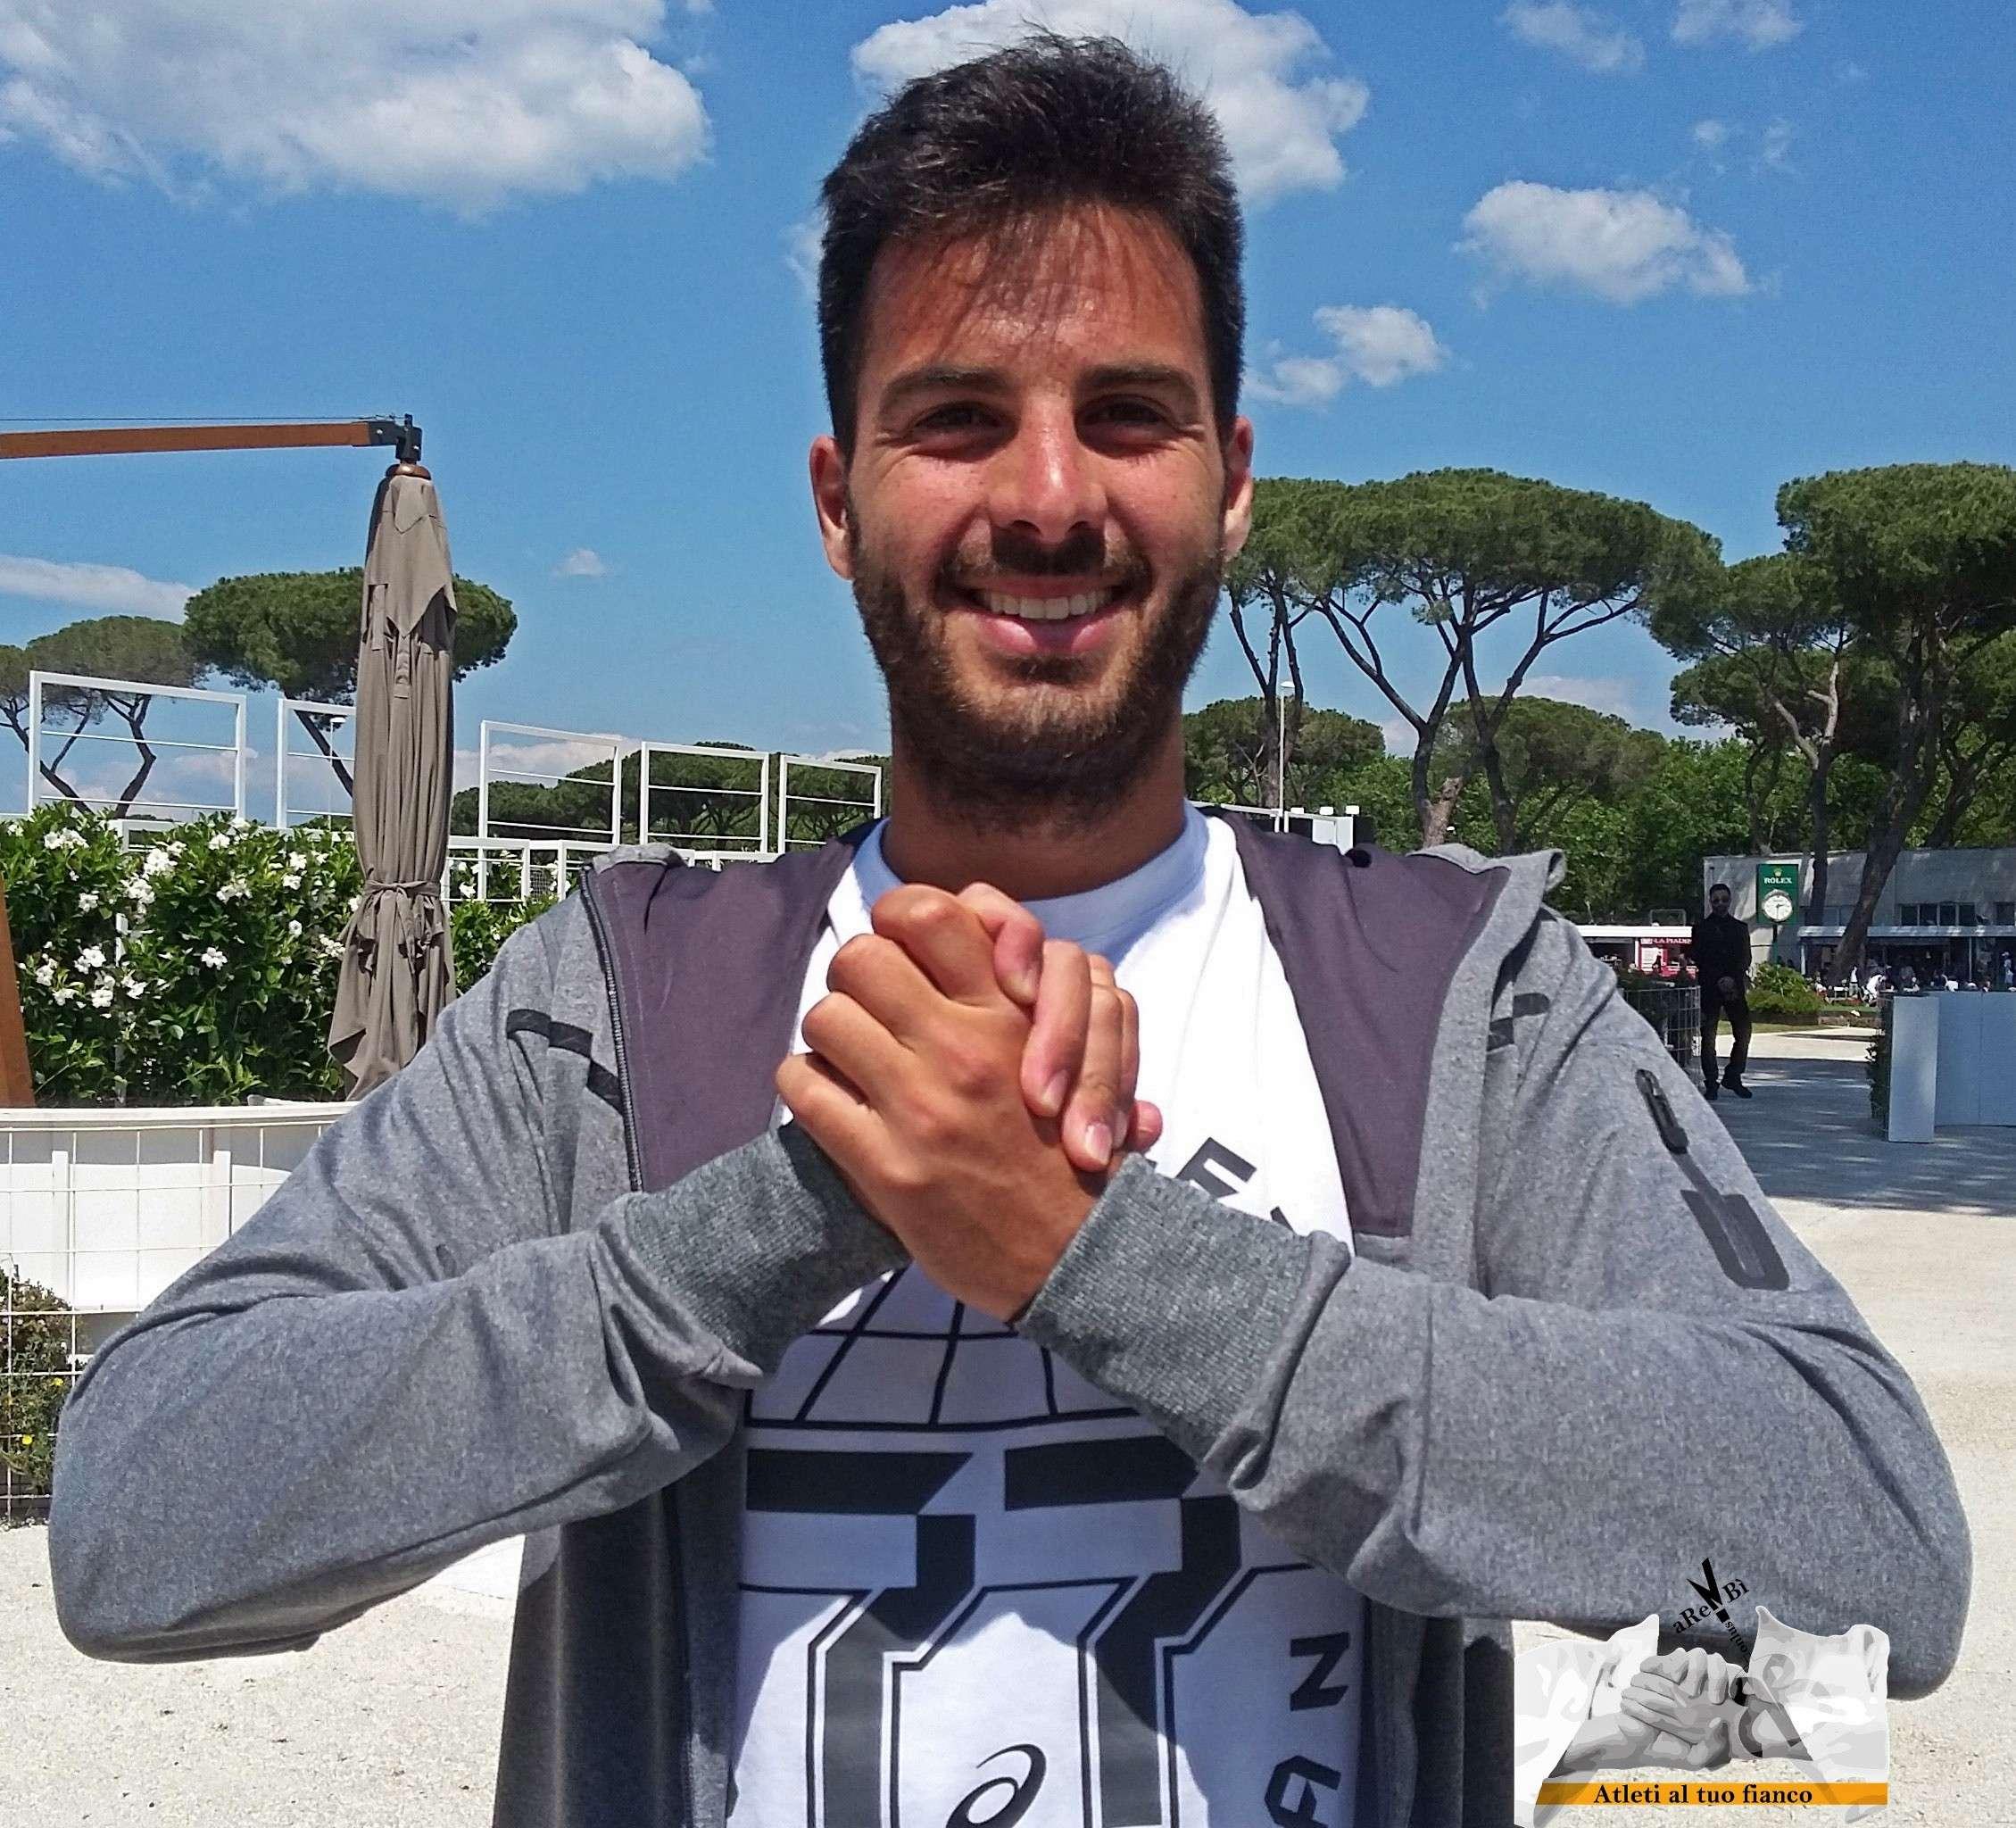 """Salvatore Caruso, tennista siracusano, con """"Atleti al tuo Fianco"""" nella lotta contro il cancro"""